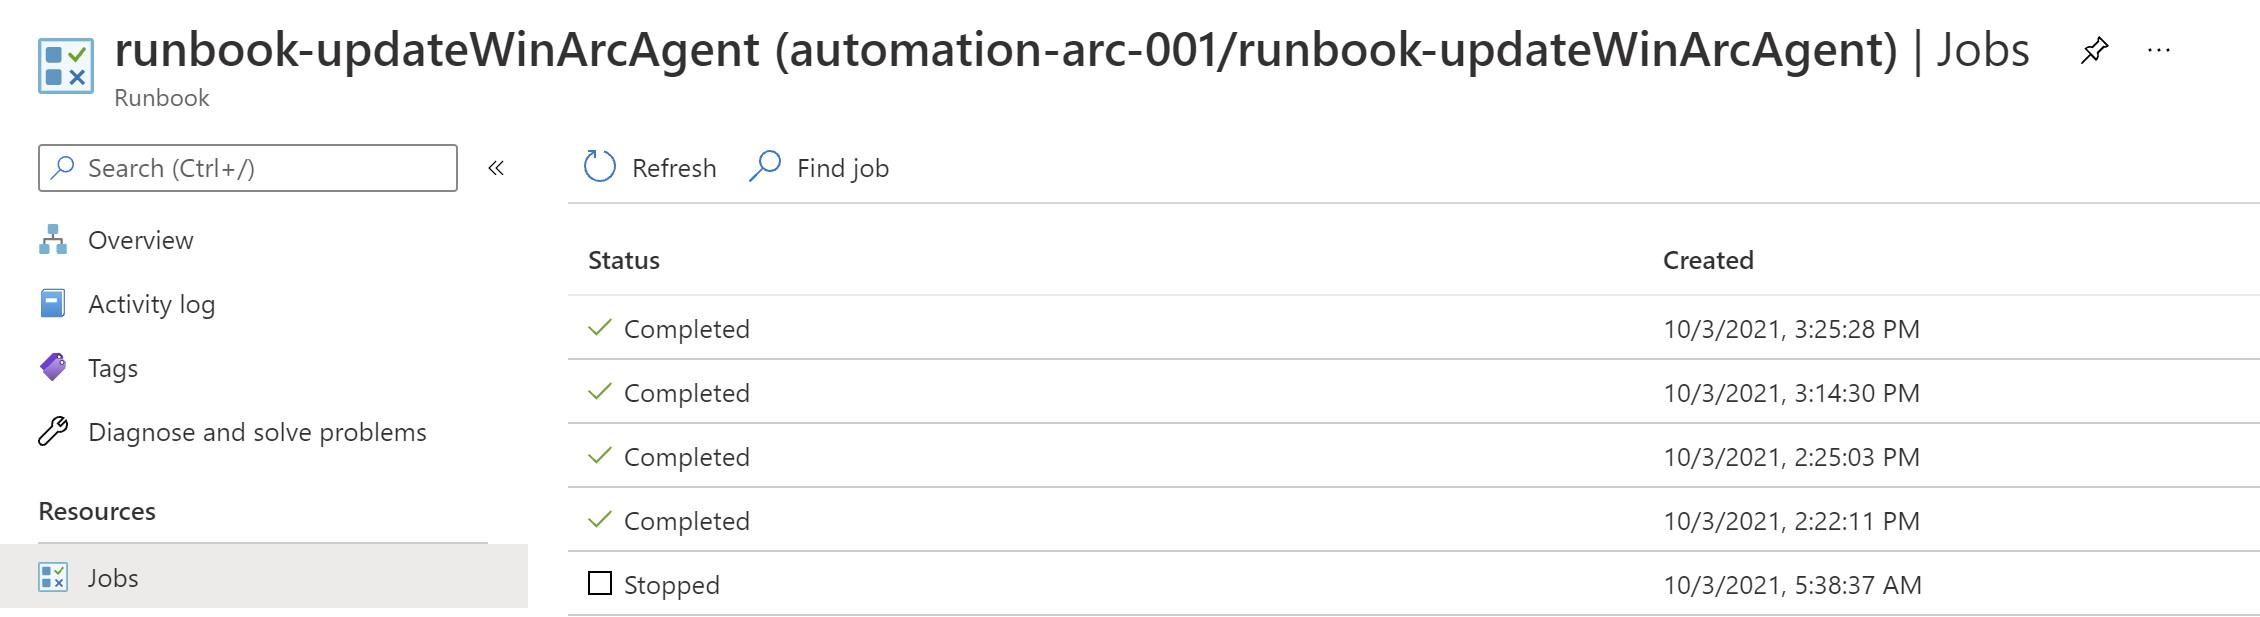 runbook jobs